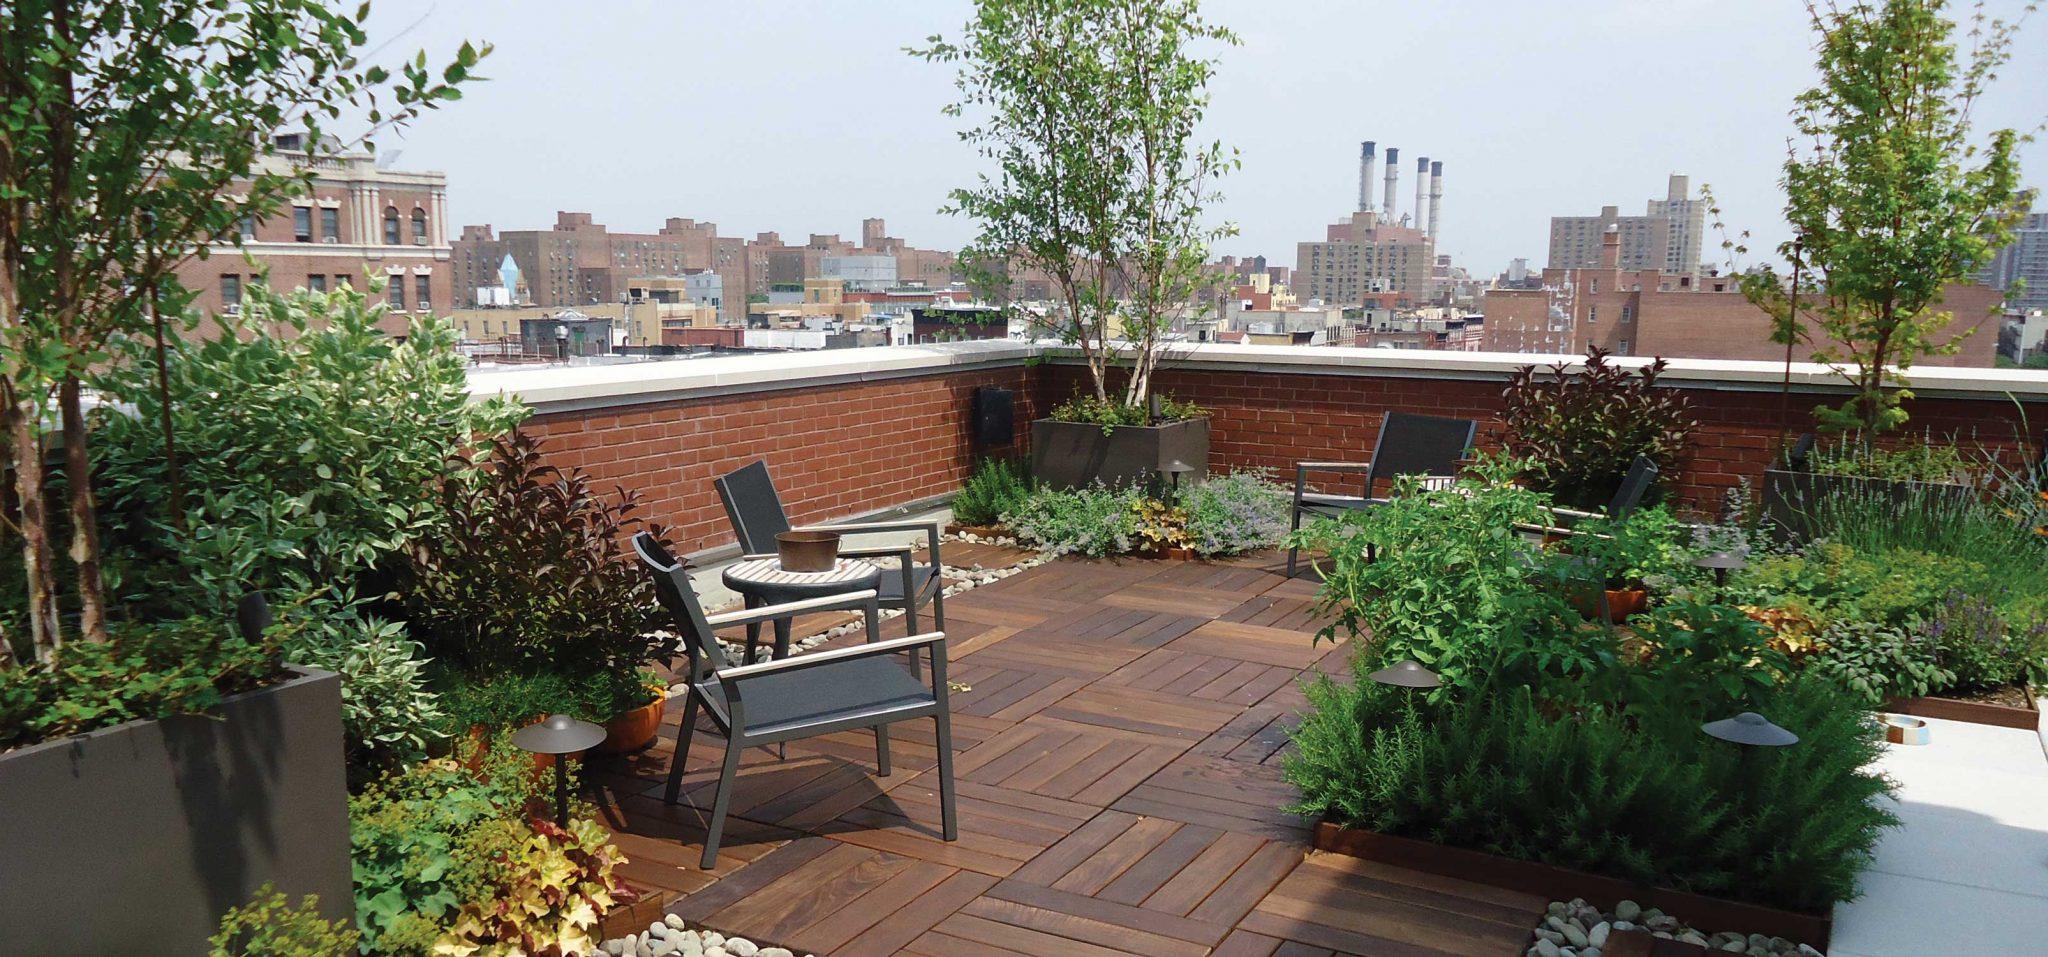 «بام باغ» فضای سبزی همیشه در دسترس-درست مصرف کنیم - آموزش همگانی - آگاهی مصرف